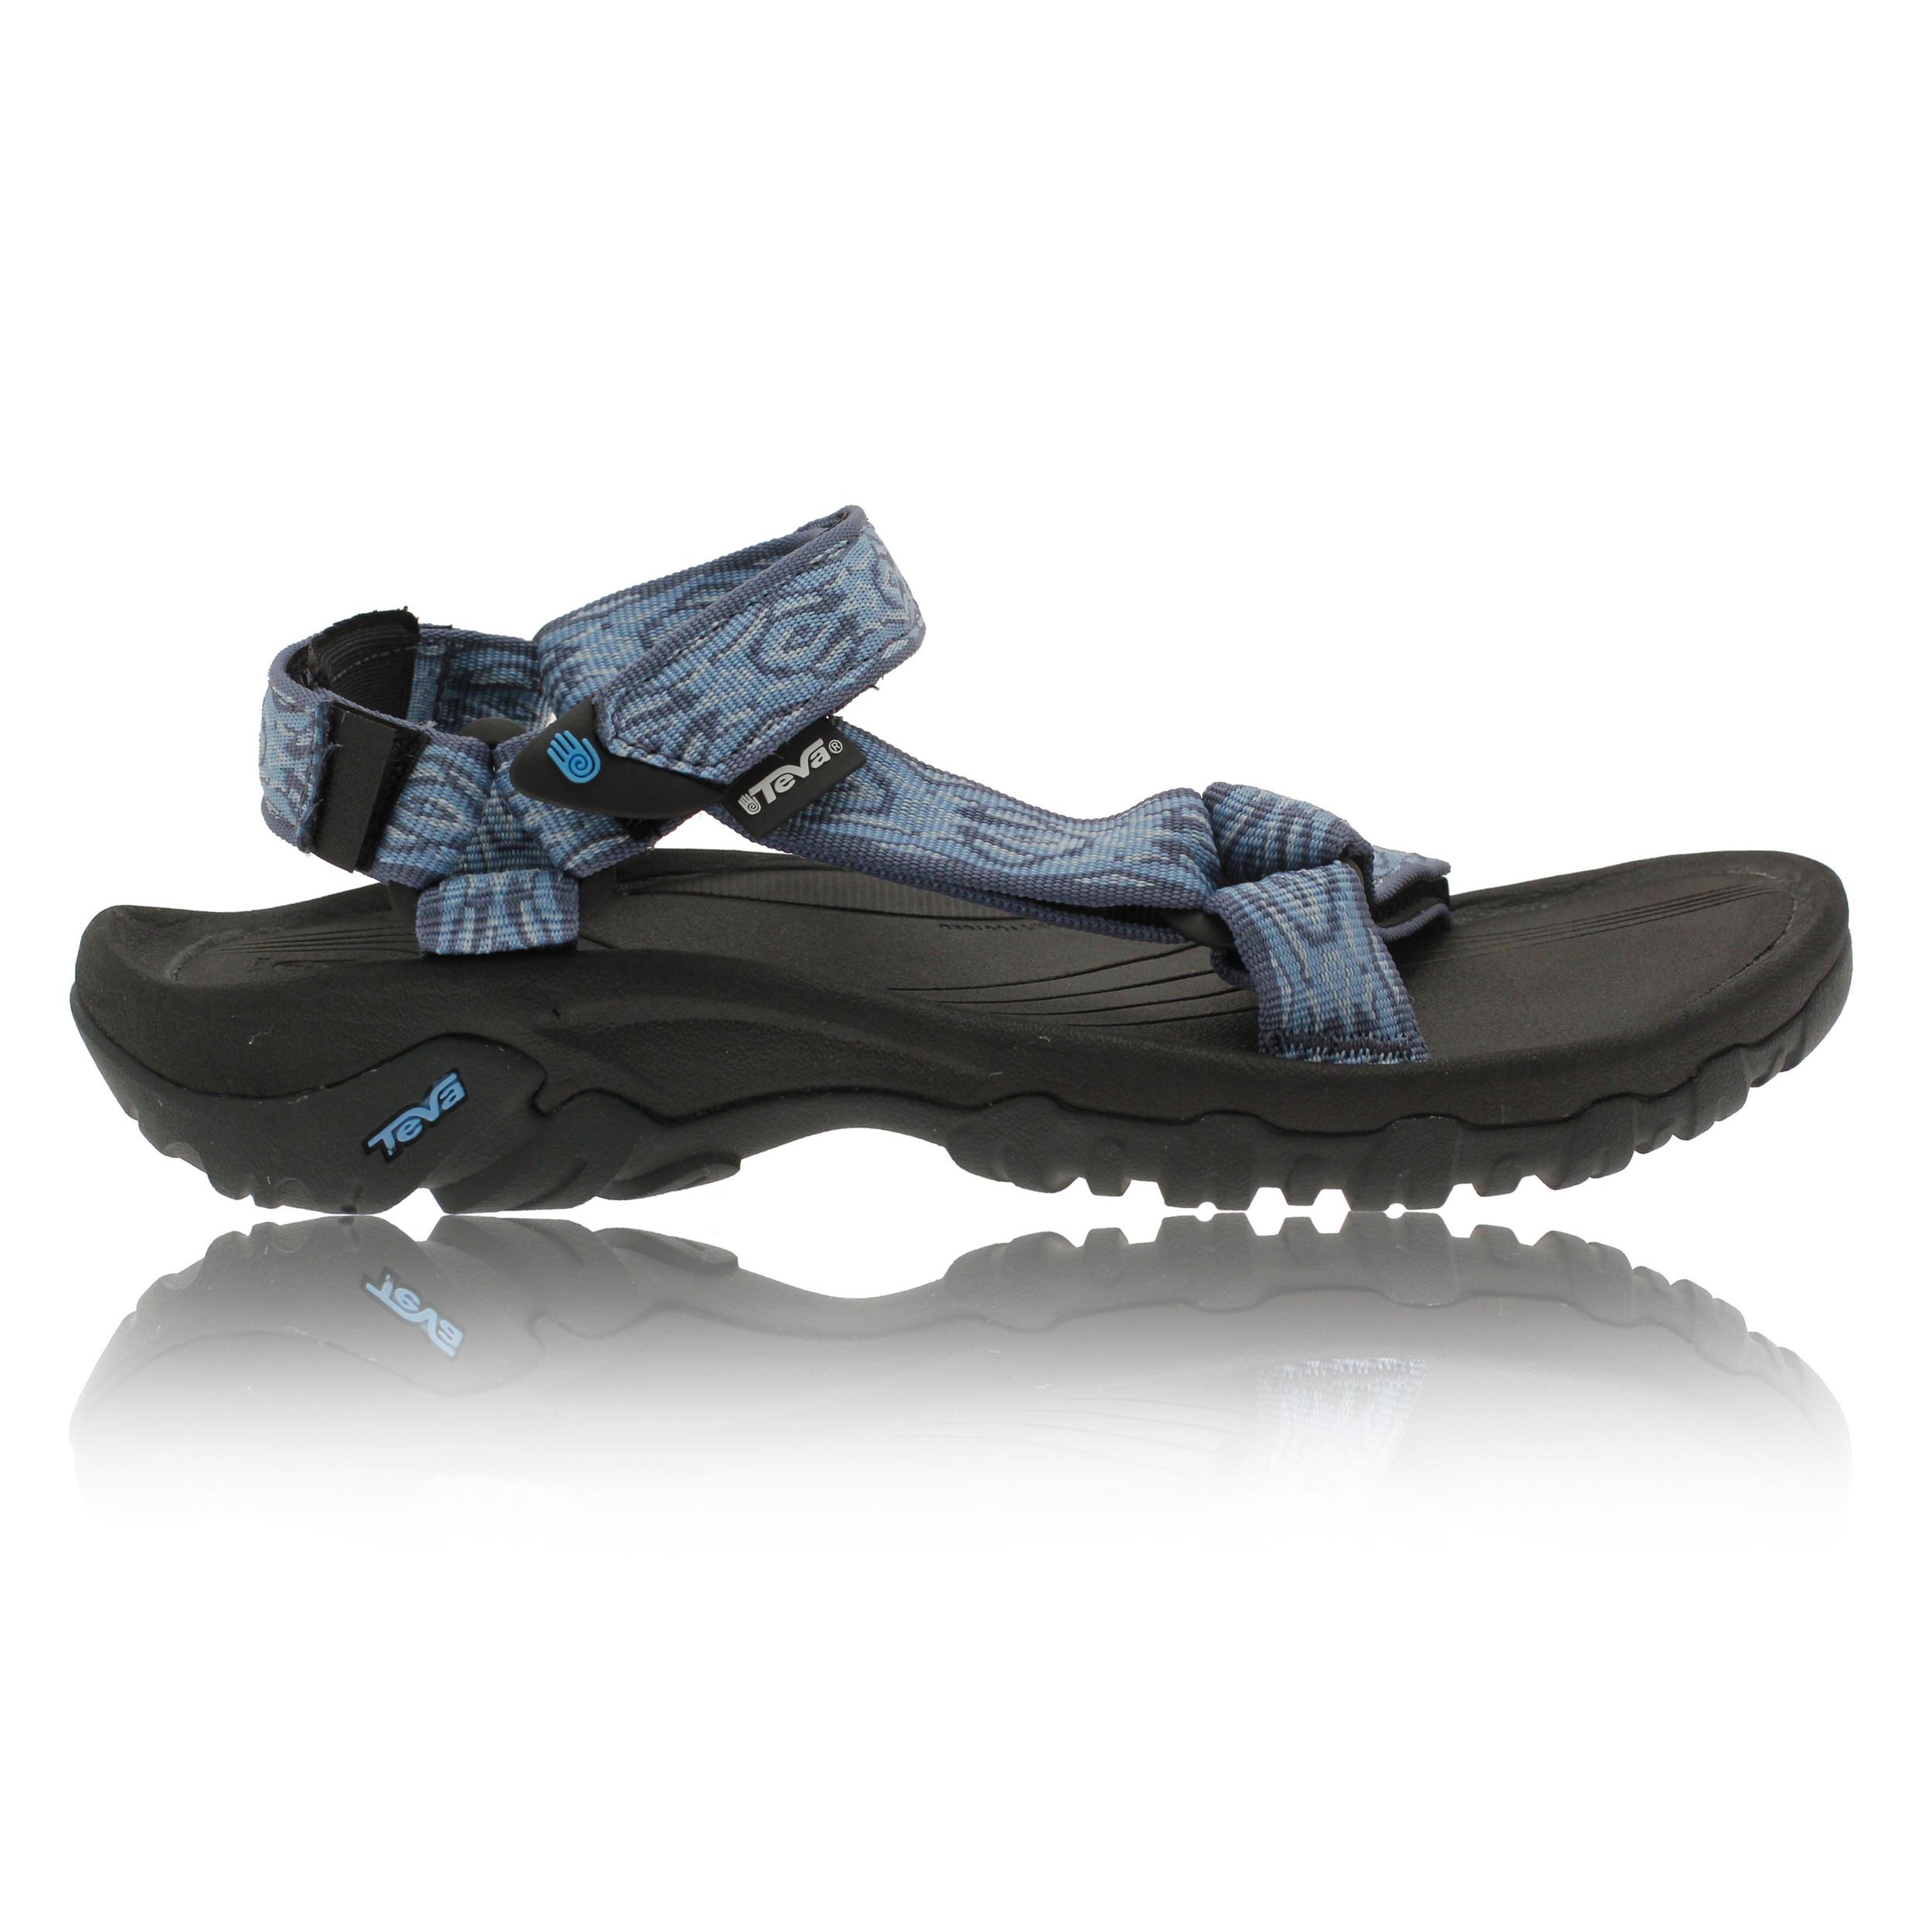 teva hurricane xlt damen trekkingsandalen wanderschuhe sandalen schwarz blau ebay. Black Bedroom Furniture Sets. Home Design Ideas